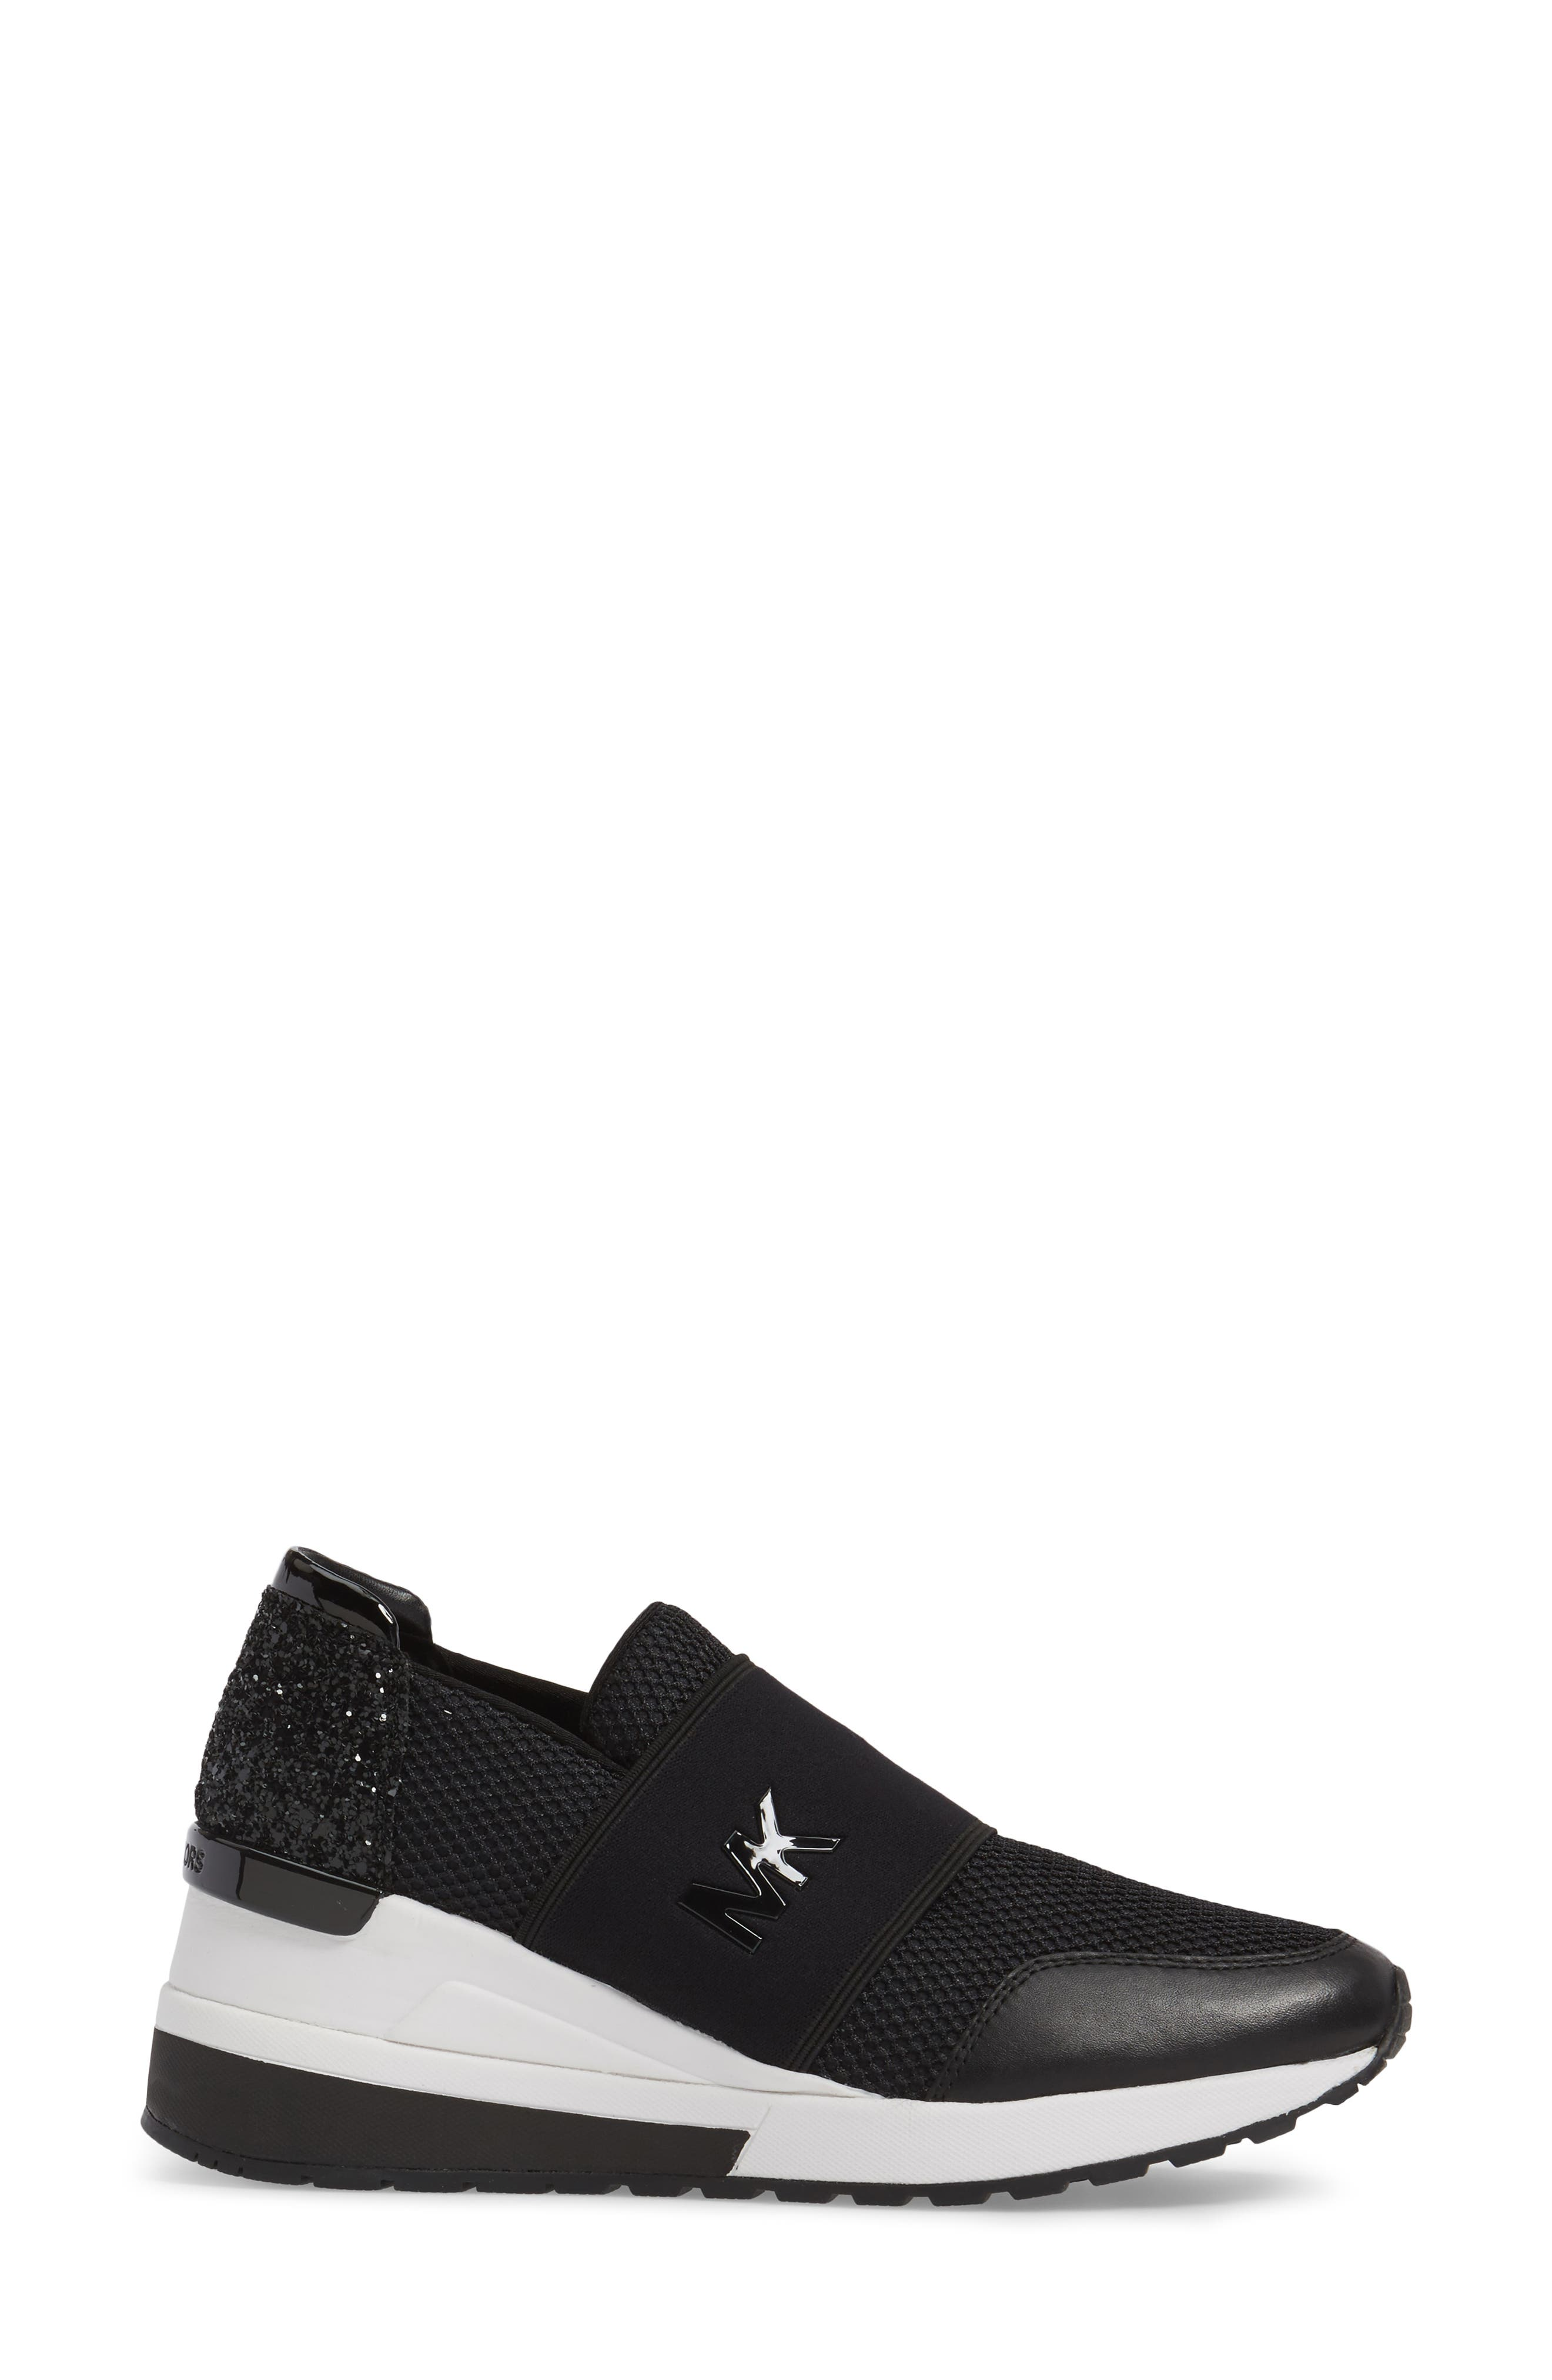 Alternate Image 3  - MICHAEL Michael Kors Felix Slip-On Glitter Sneaker (Women)